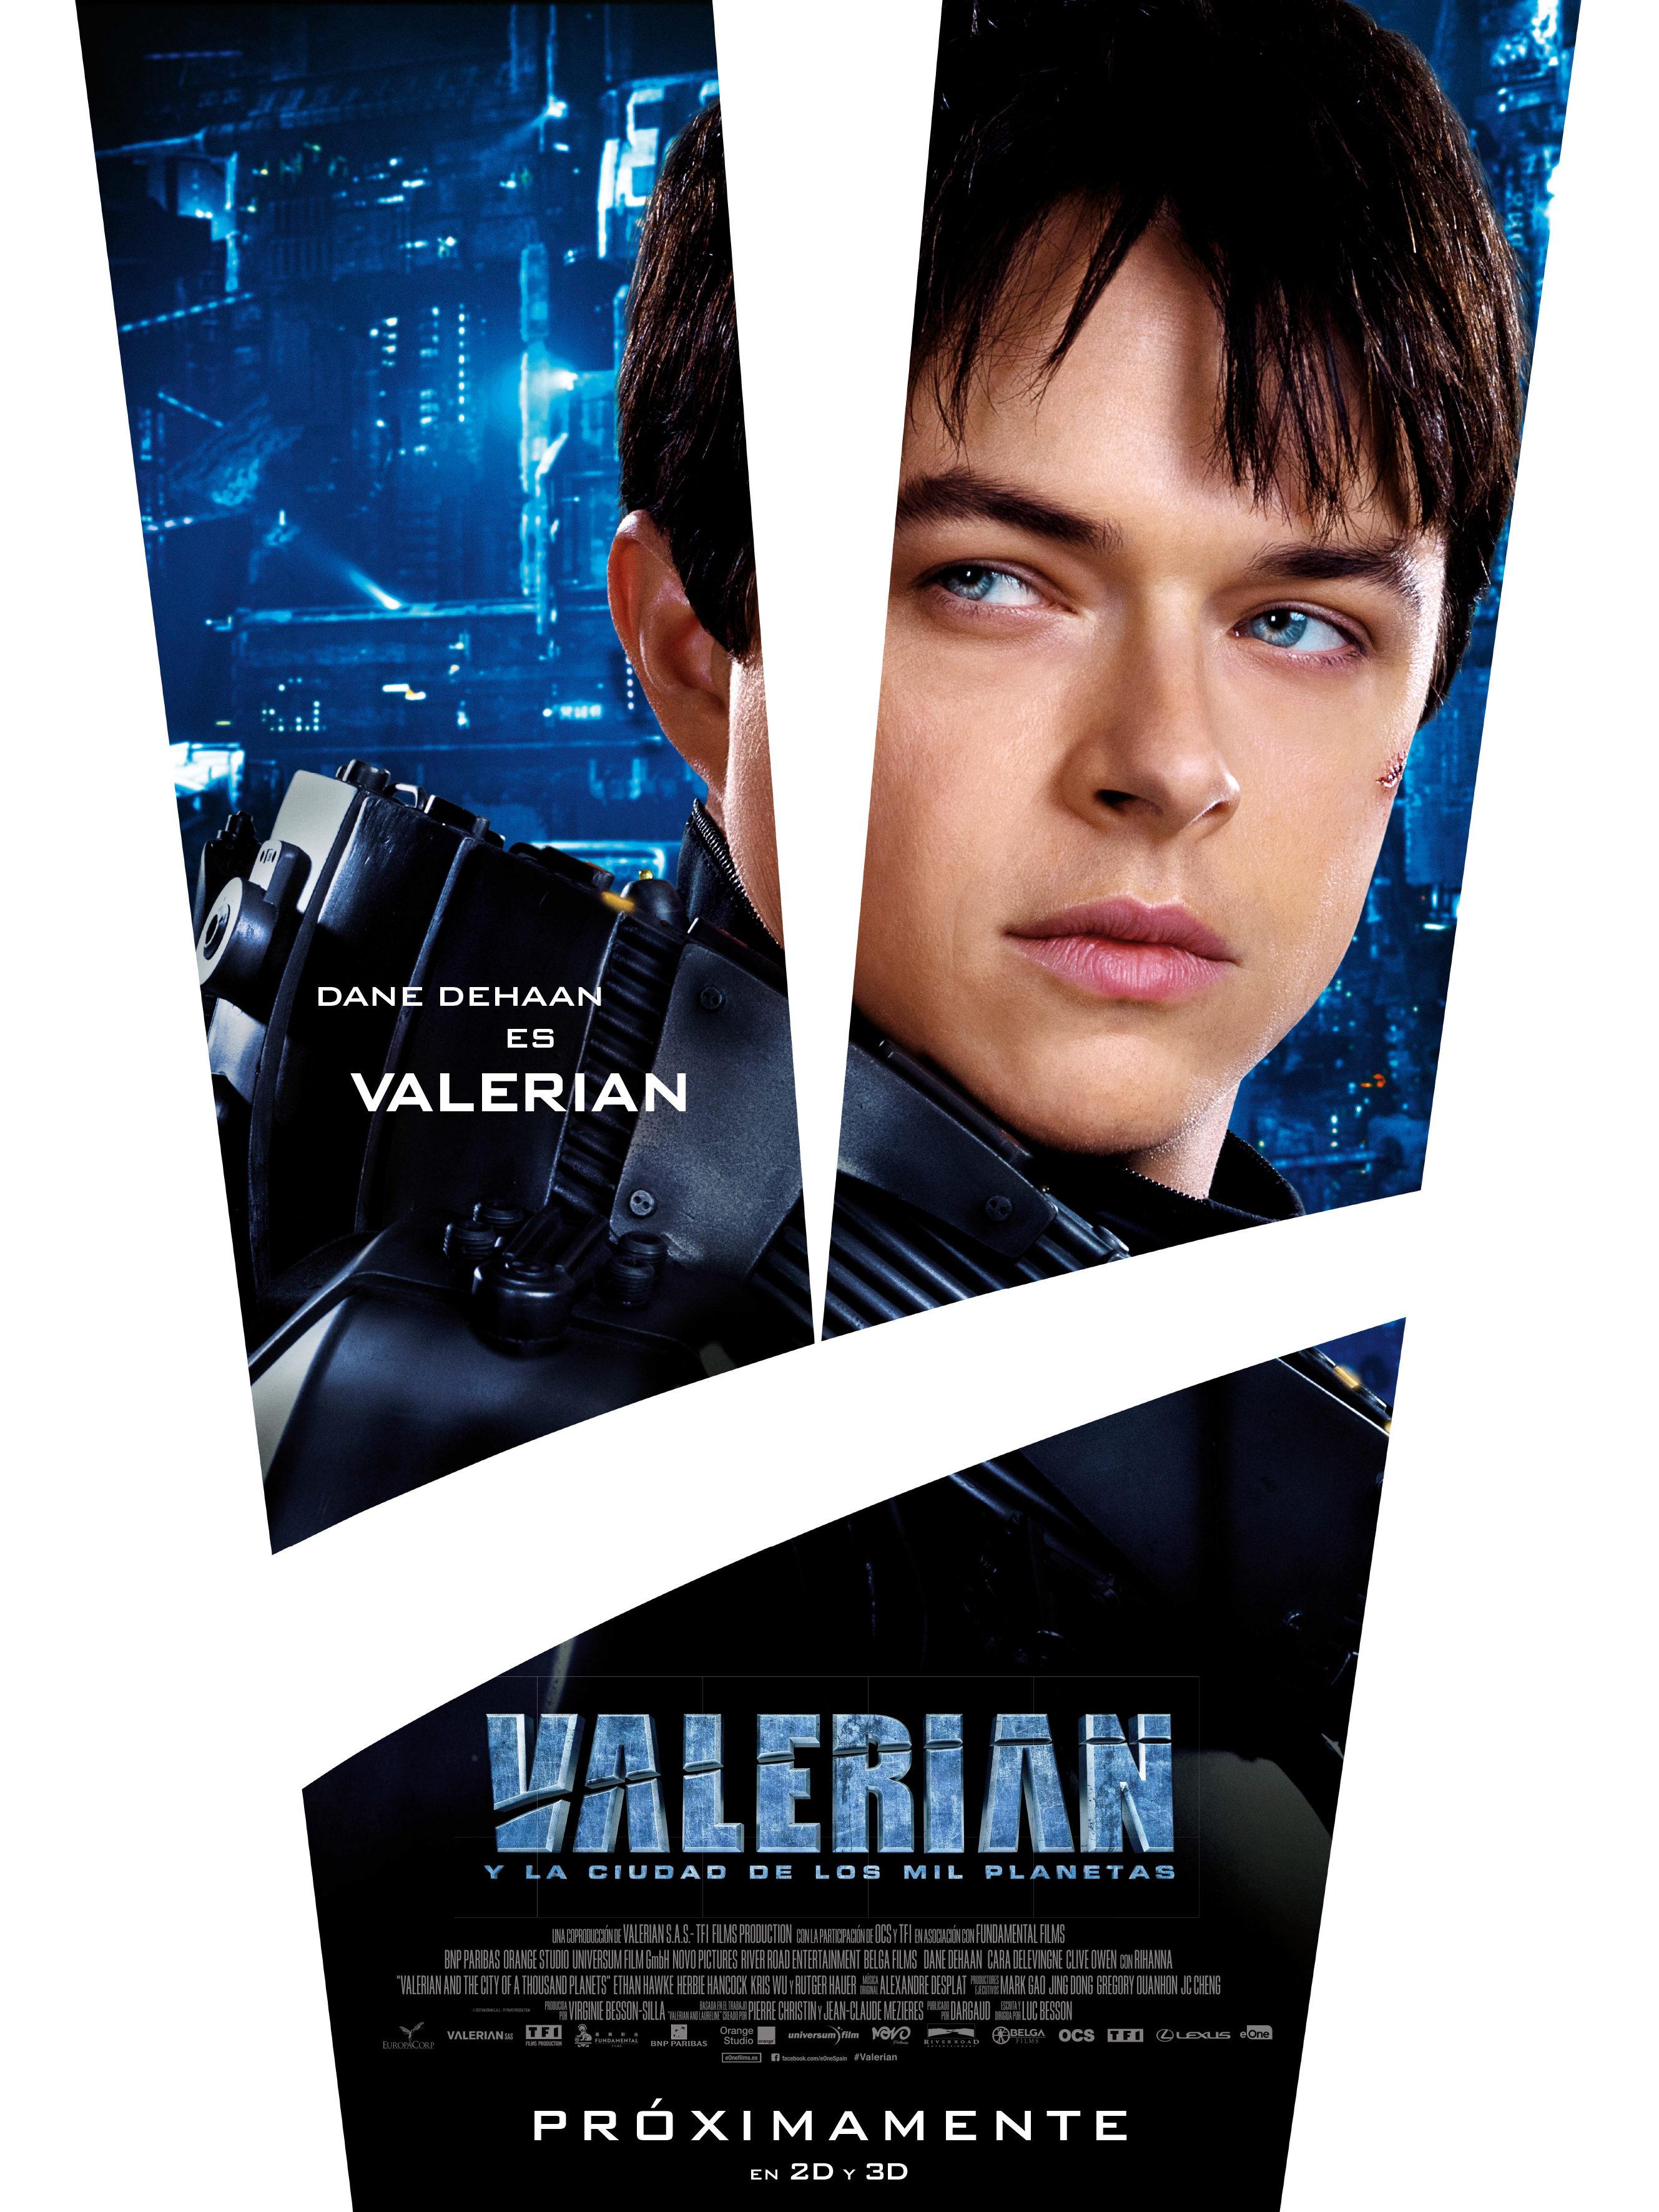 Dane DeHaan como Valerian